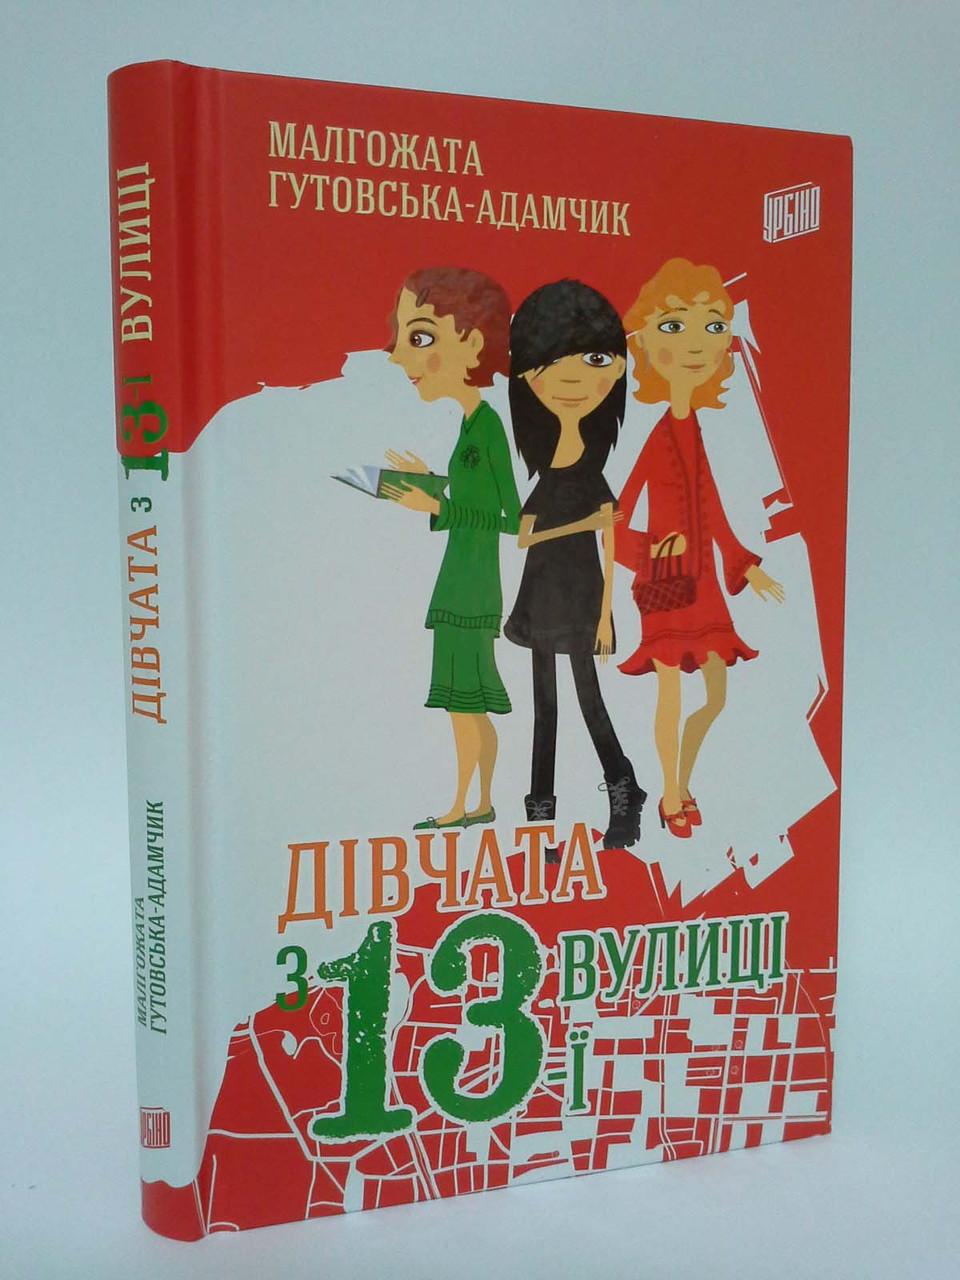 Дівчата з 13-ї вулиці. Малгожата Гутовська-Адамчик. Урбіно